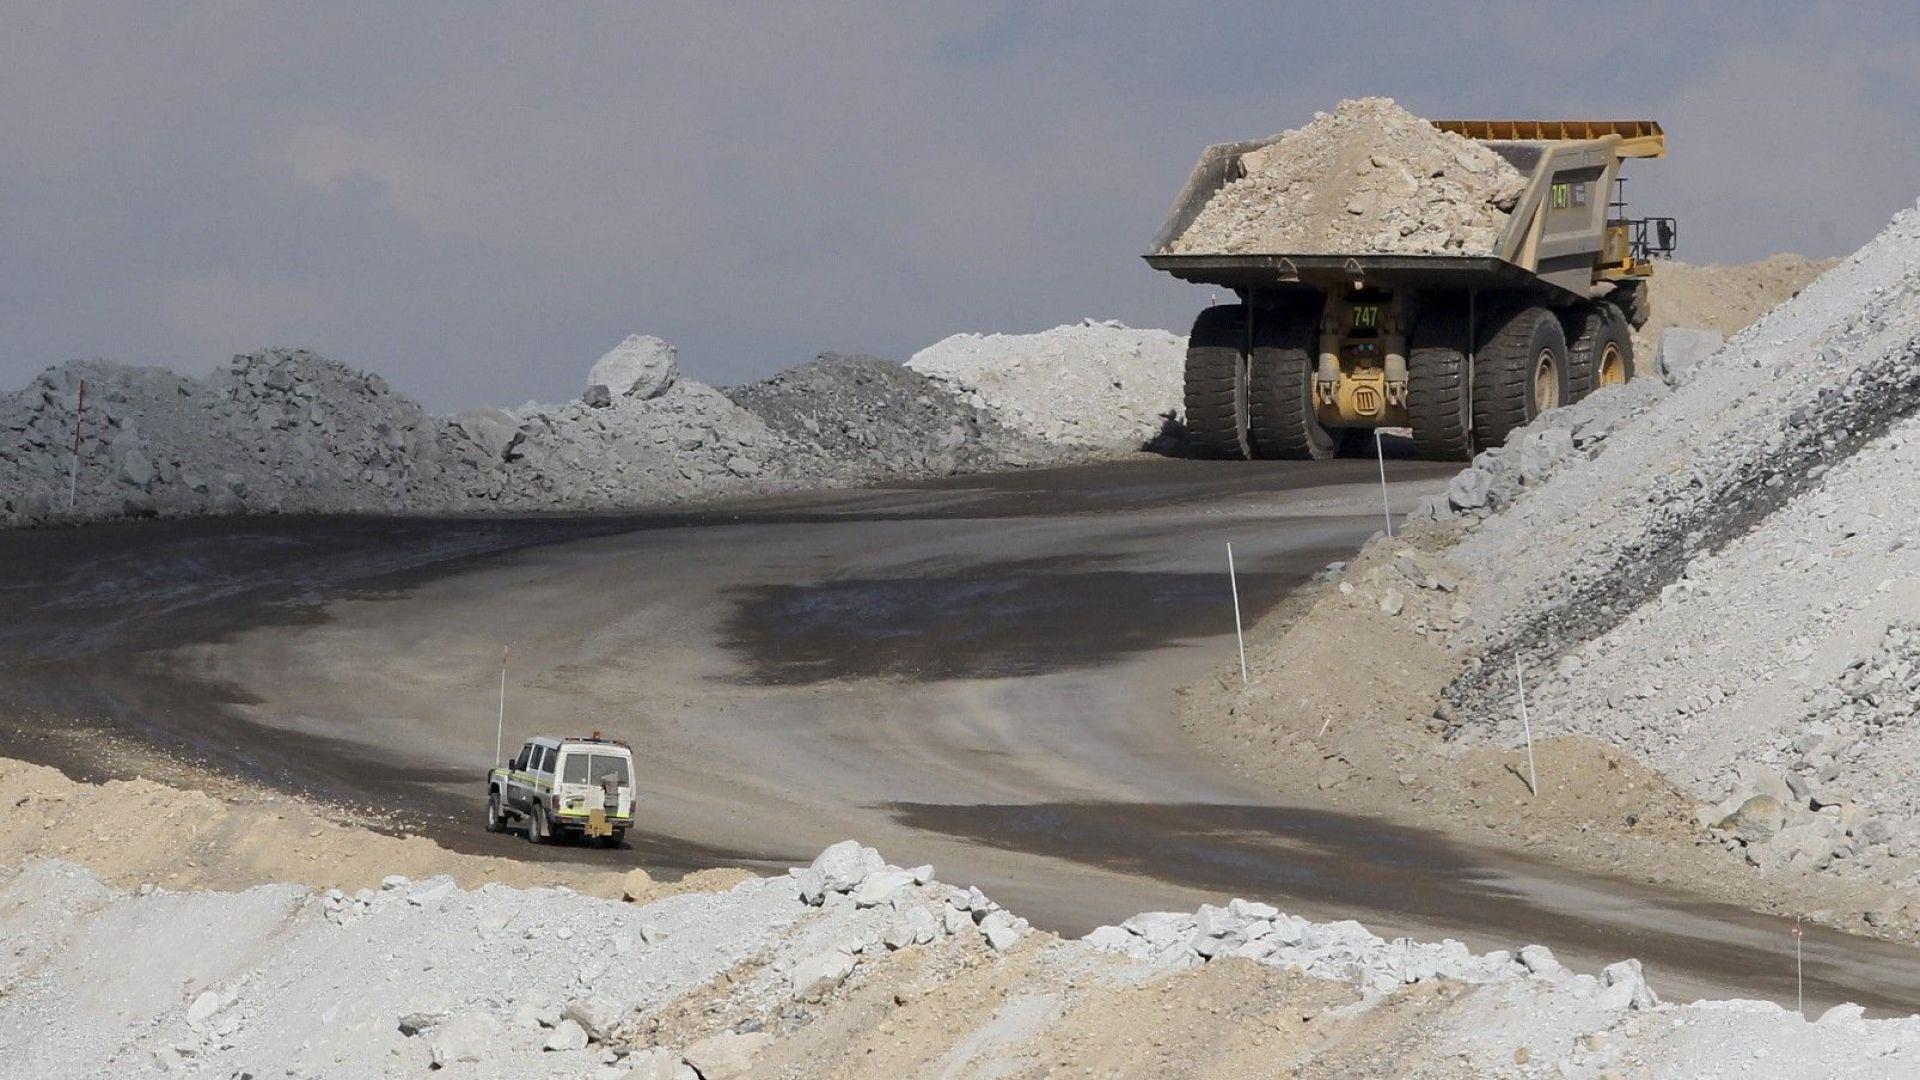 Страните от Г-20 са вложили 3.3 трил. долара за енергия от изкопаеми горива за 4 години